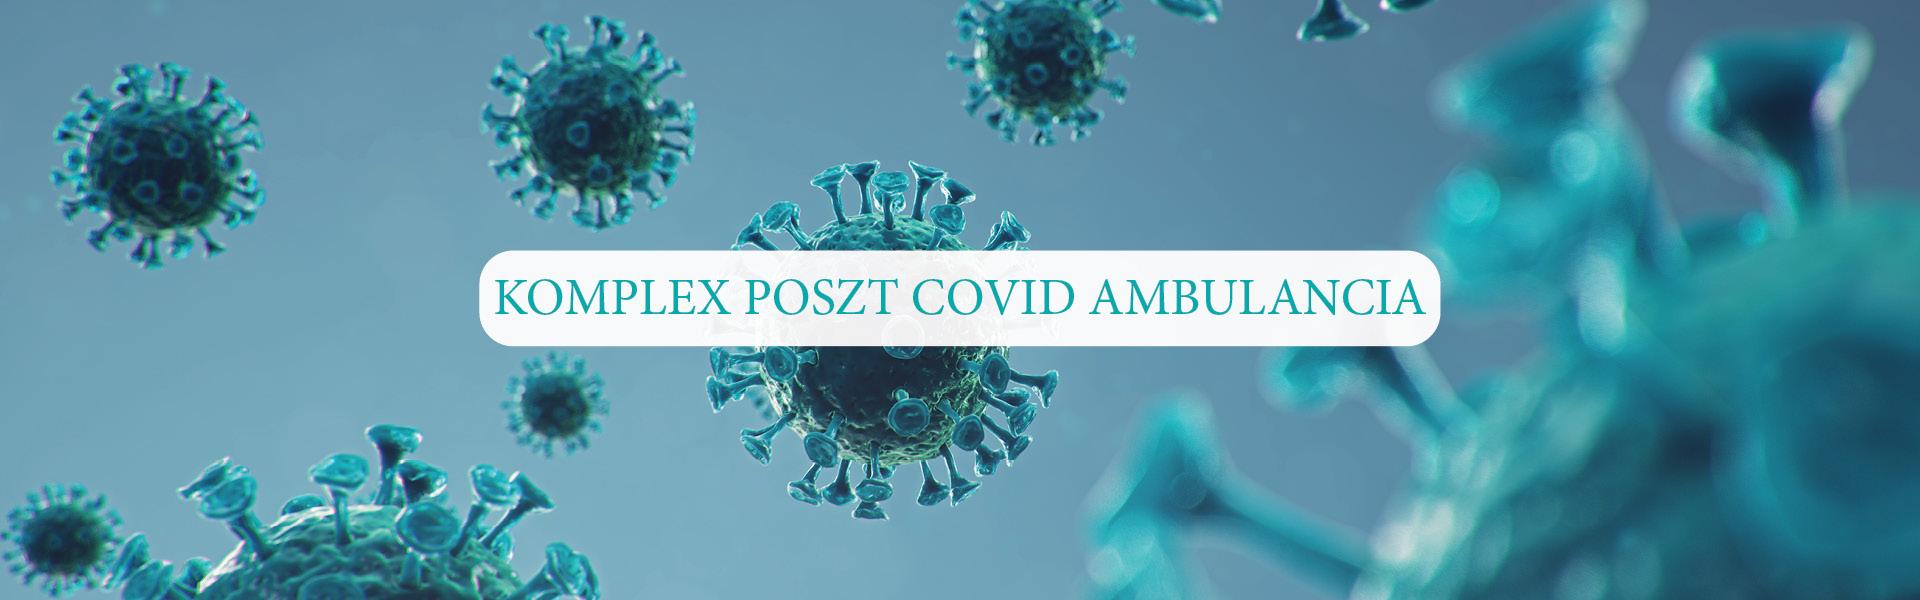 komplex-poszt-covid-ambulancia